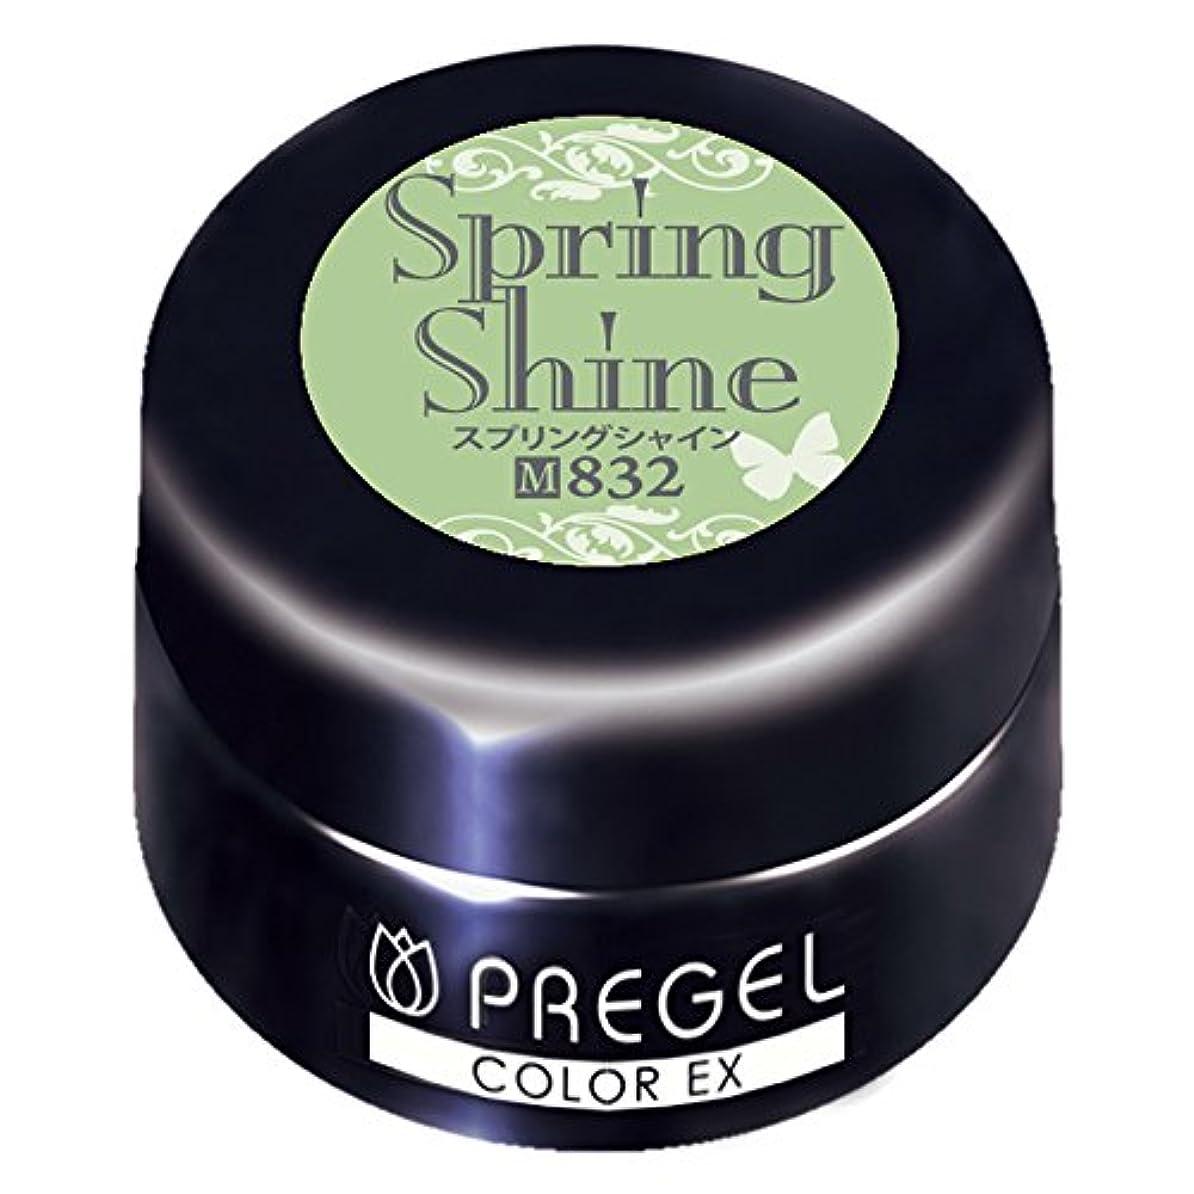 仮装意味する意味するPRE GEL カラーEX スプリングシャイン832 3g UV/LED対応